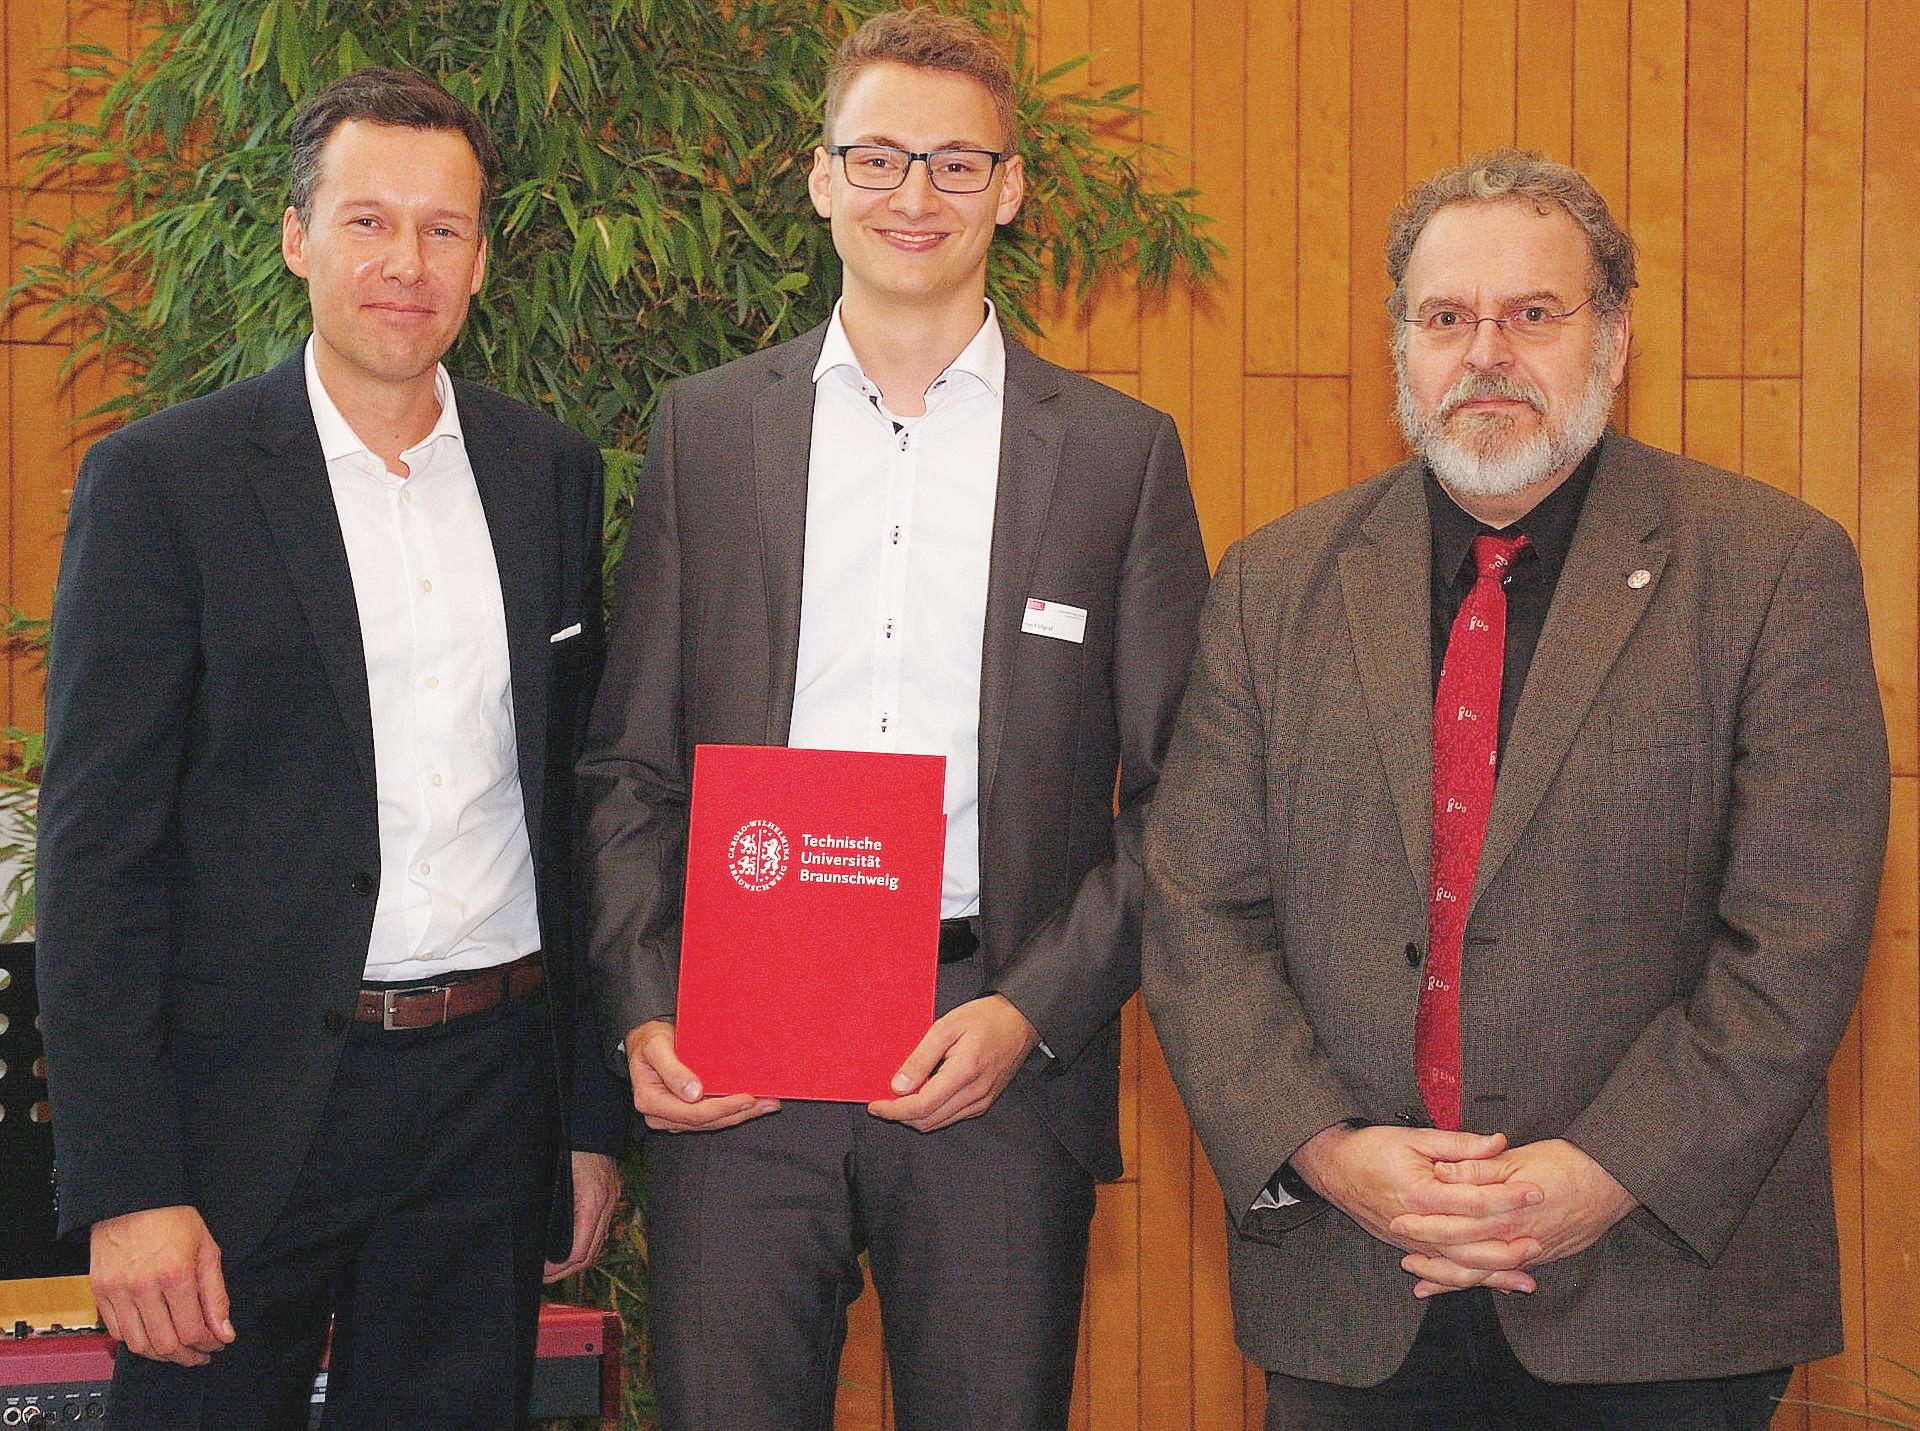 fme Preis der TU Braunschweig